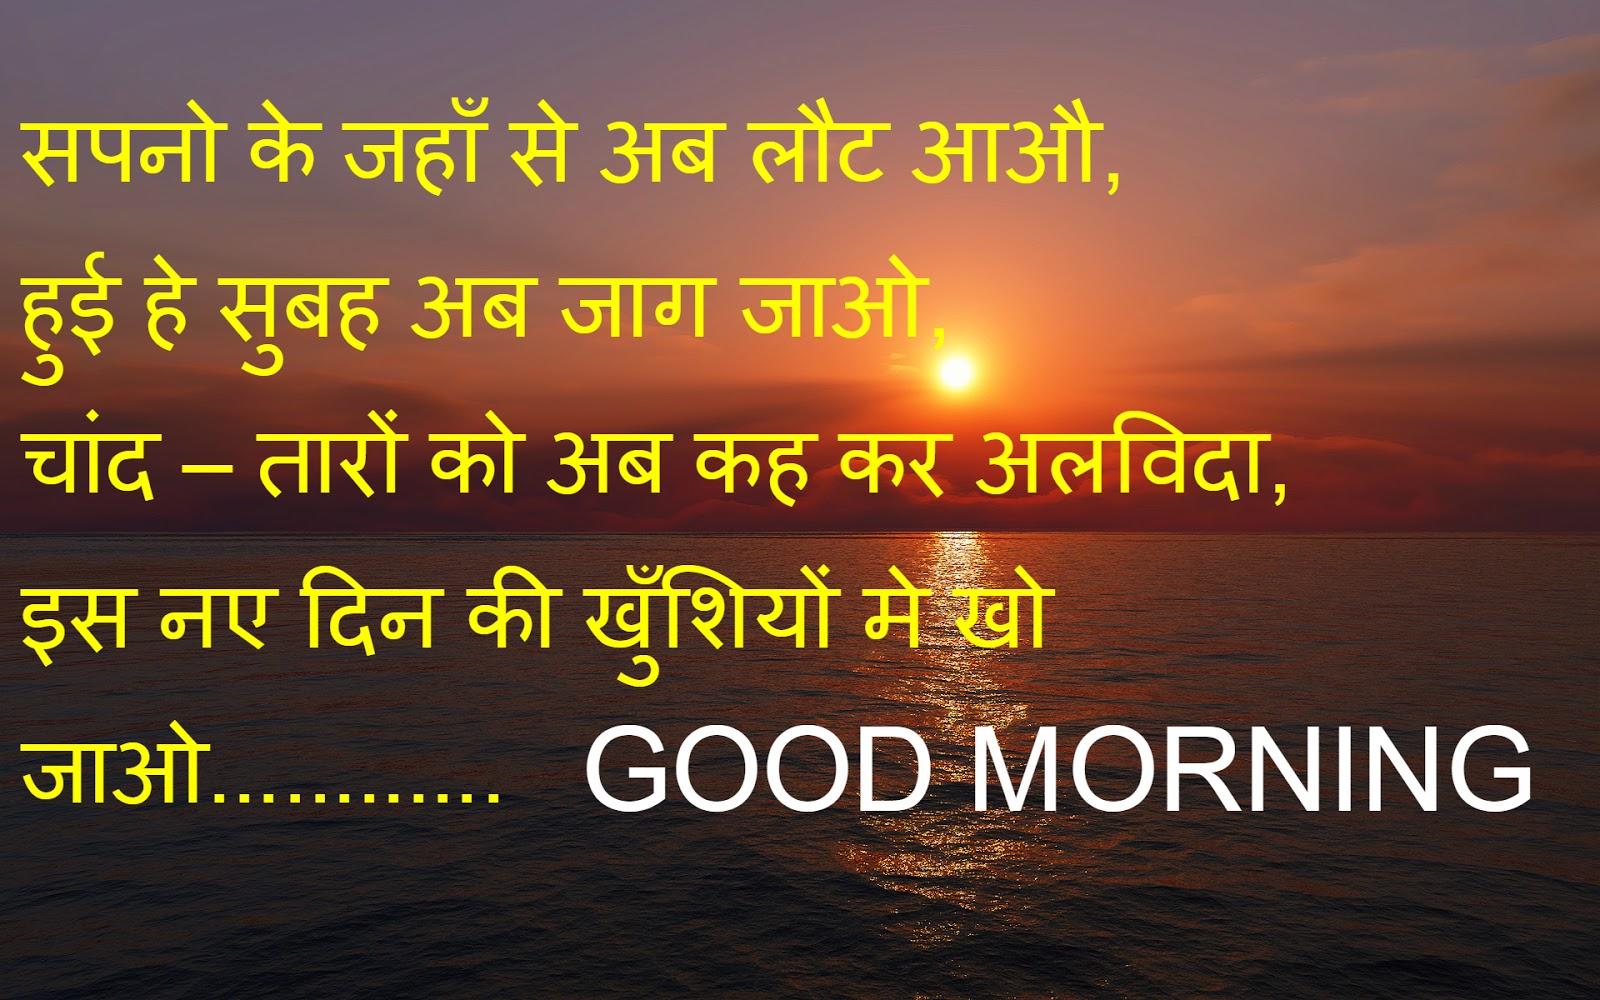 Днем, открытки с добрым утром на хинди